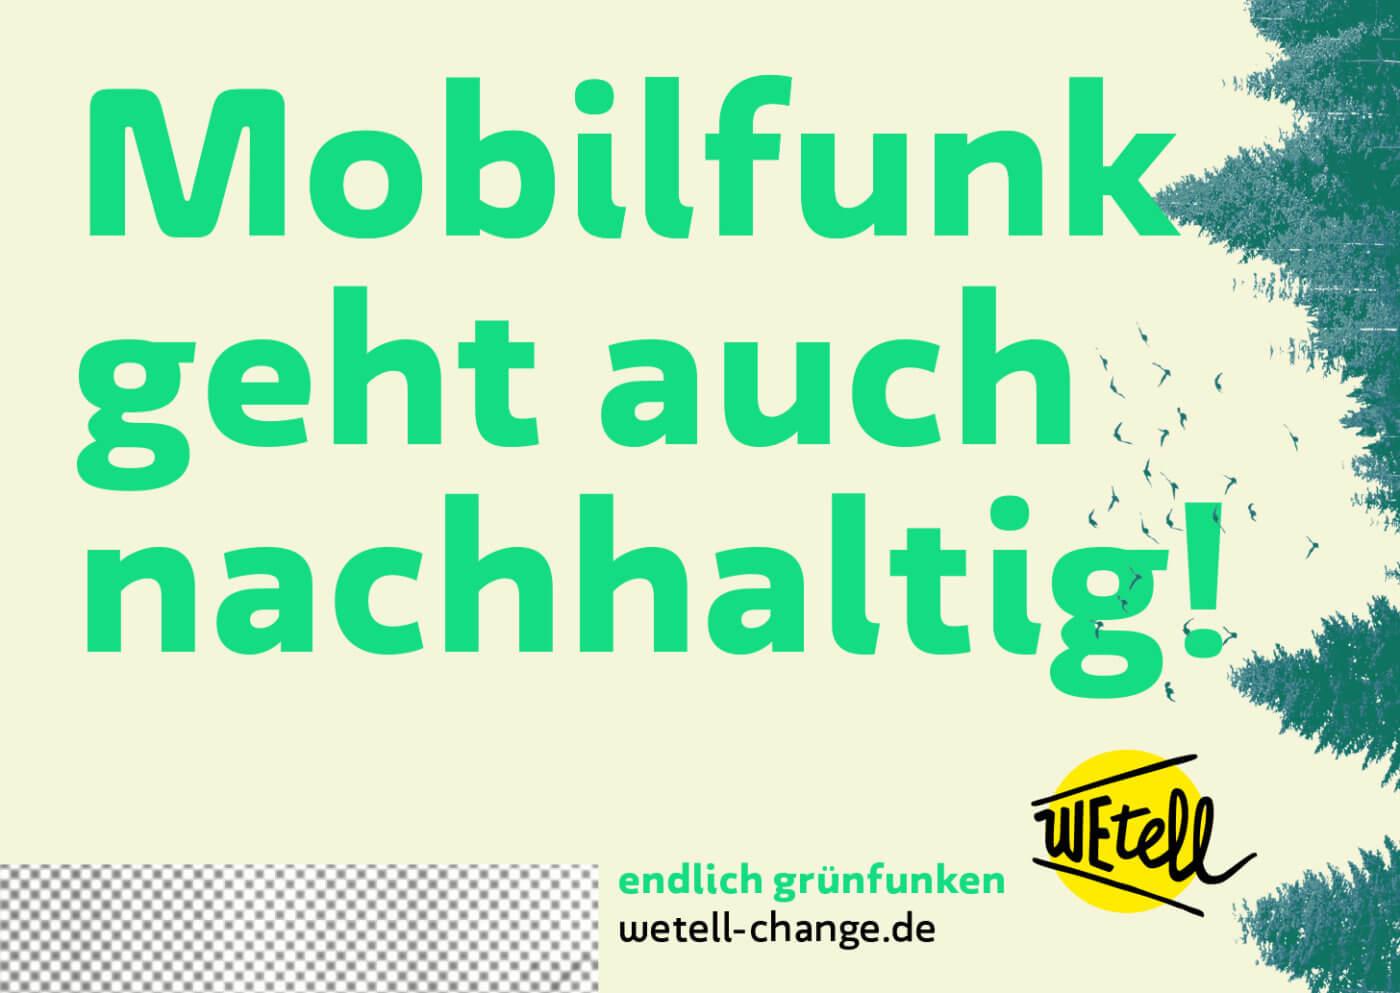 Der Mobilfunkanbieter WEtell will Mobilfunk nachhaltig machen – und wurde als Transformationsprojekt 2019 ausgezeichnet. Bild: © WEtell